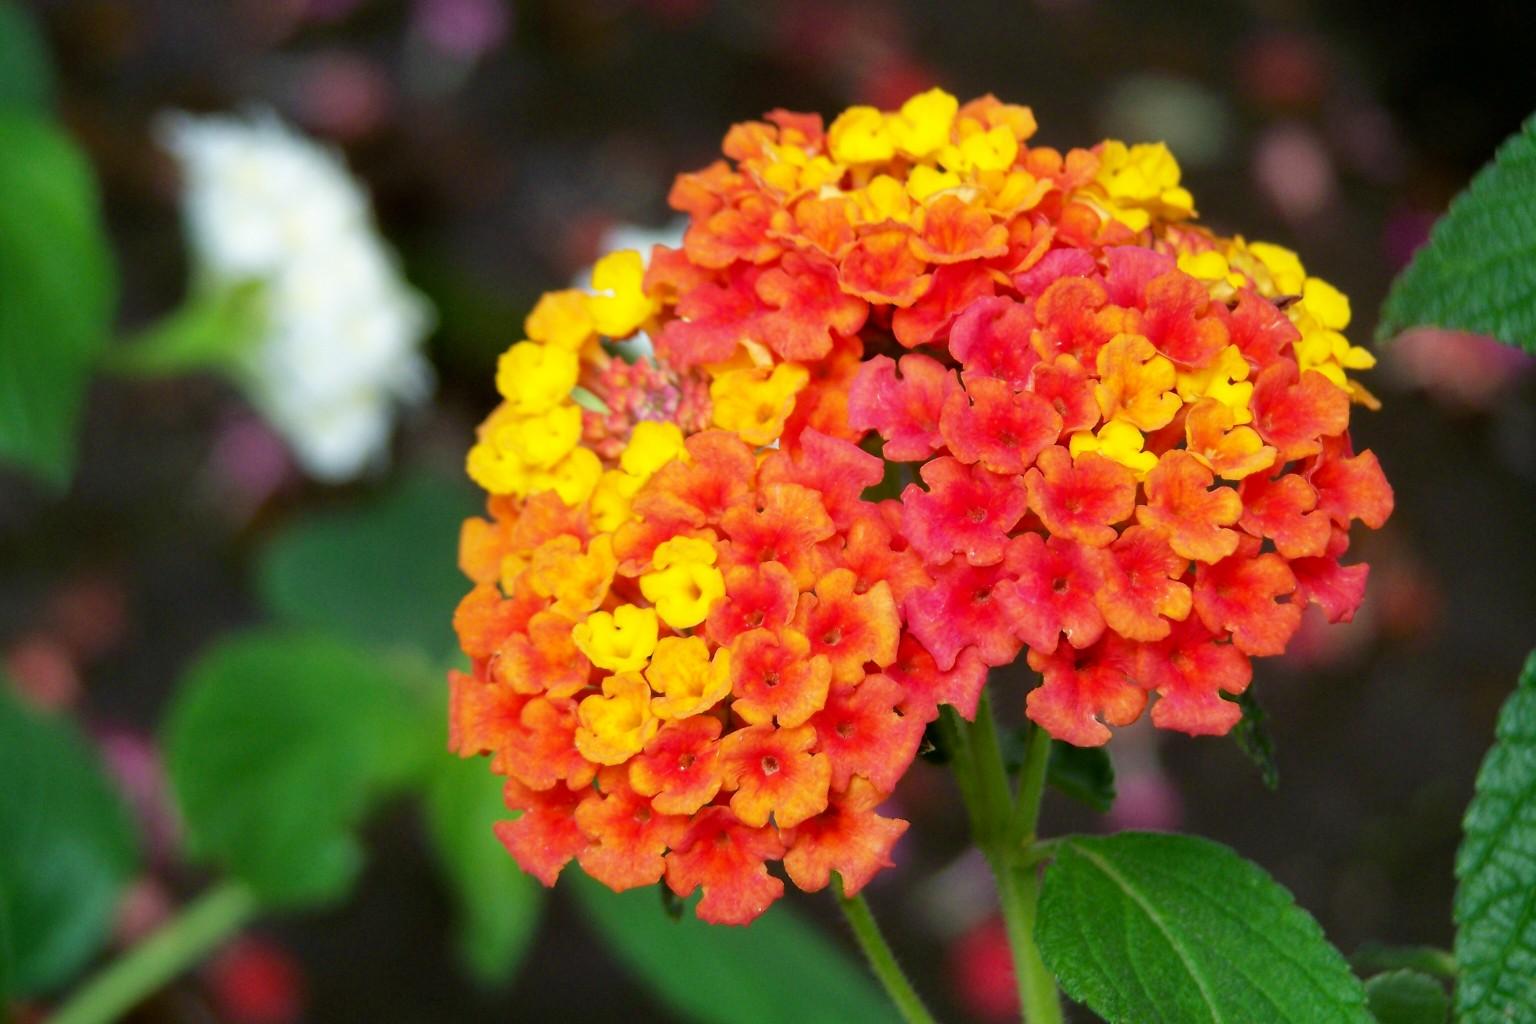 5 plante obişnuite care sunt otrăvitoare